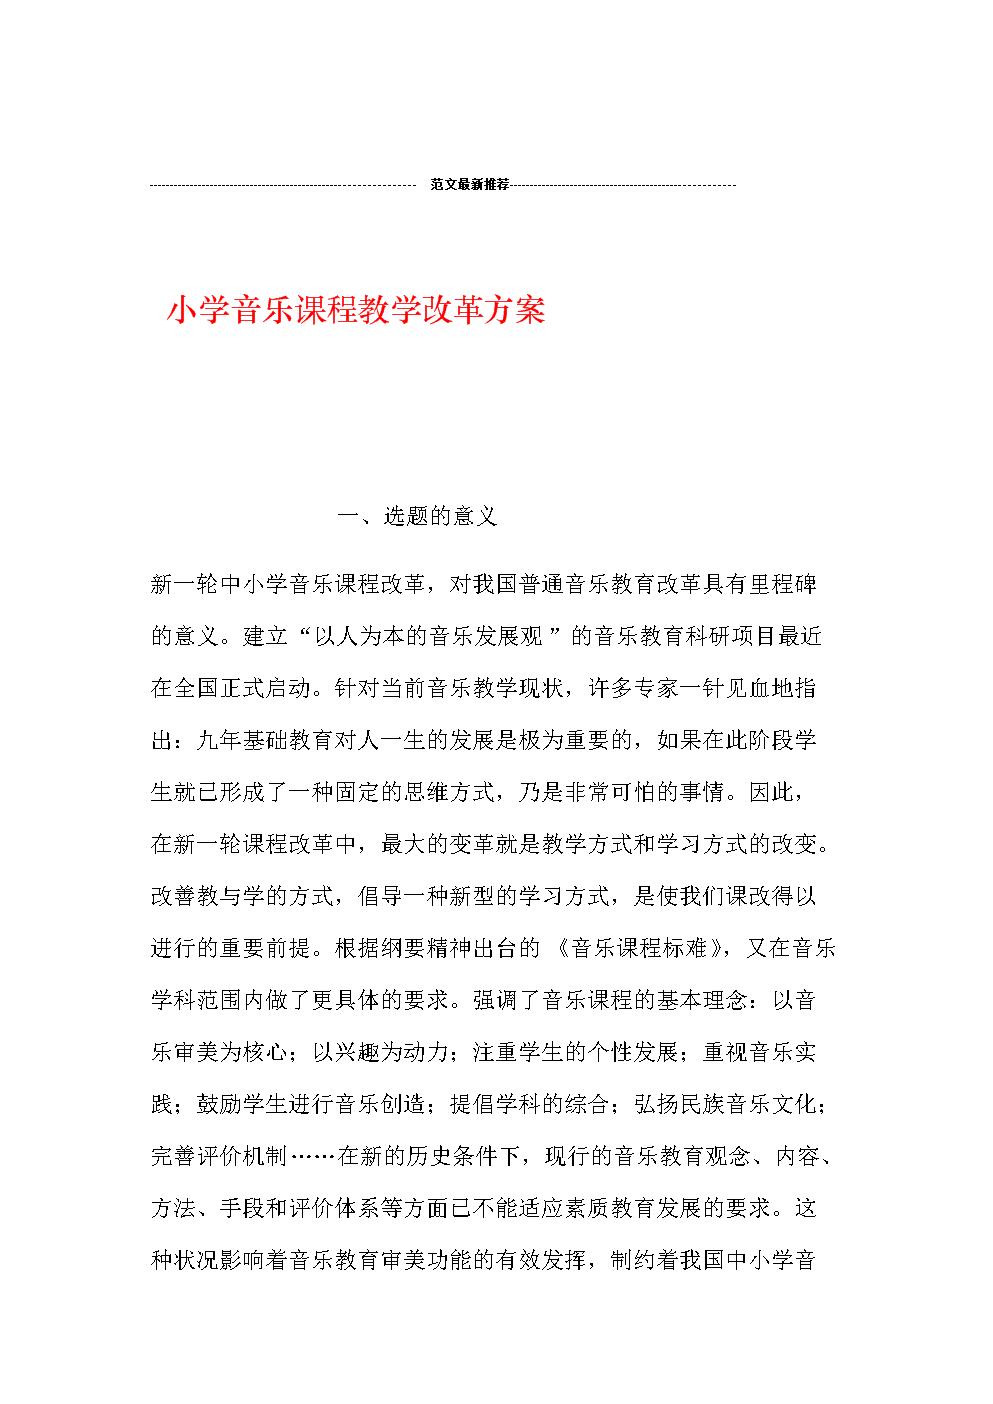 小学音乐课程教学改革方案.doc